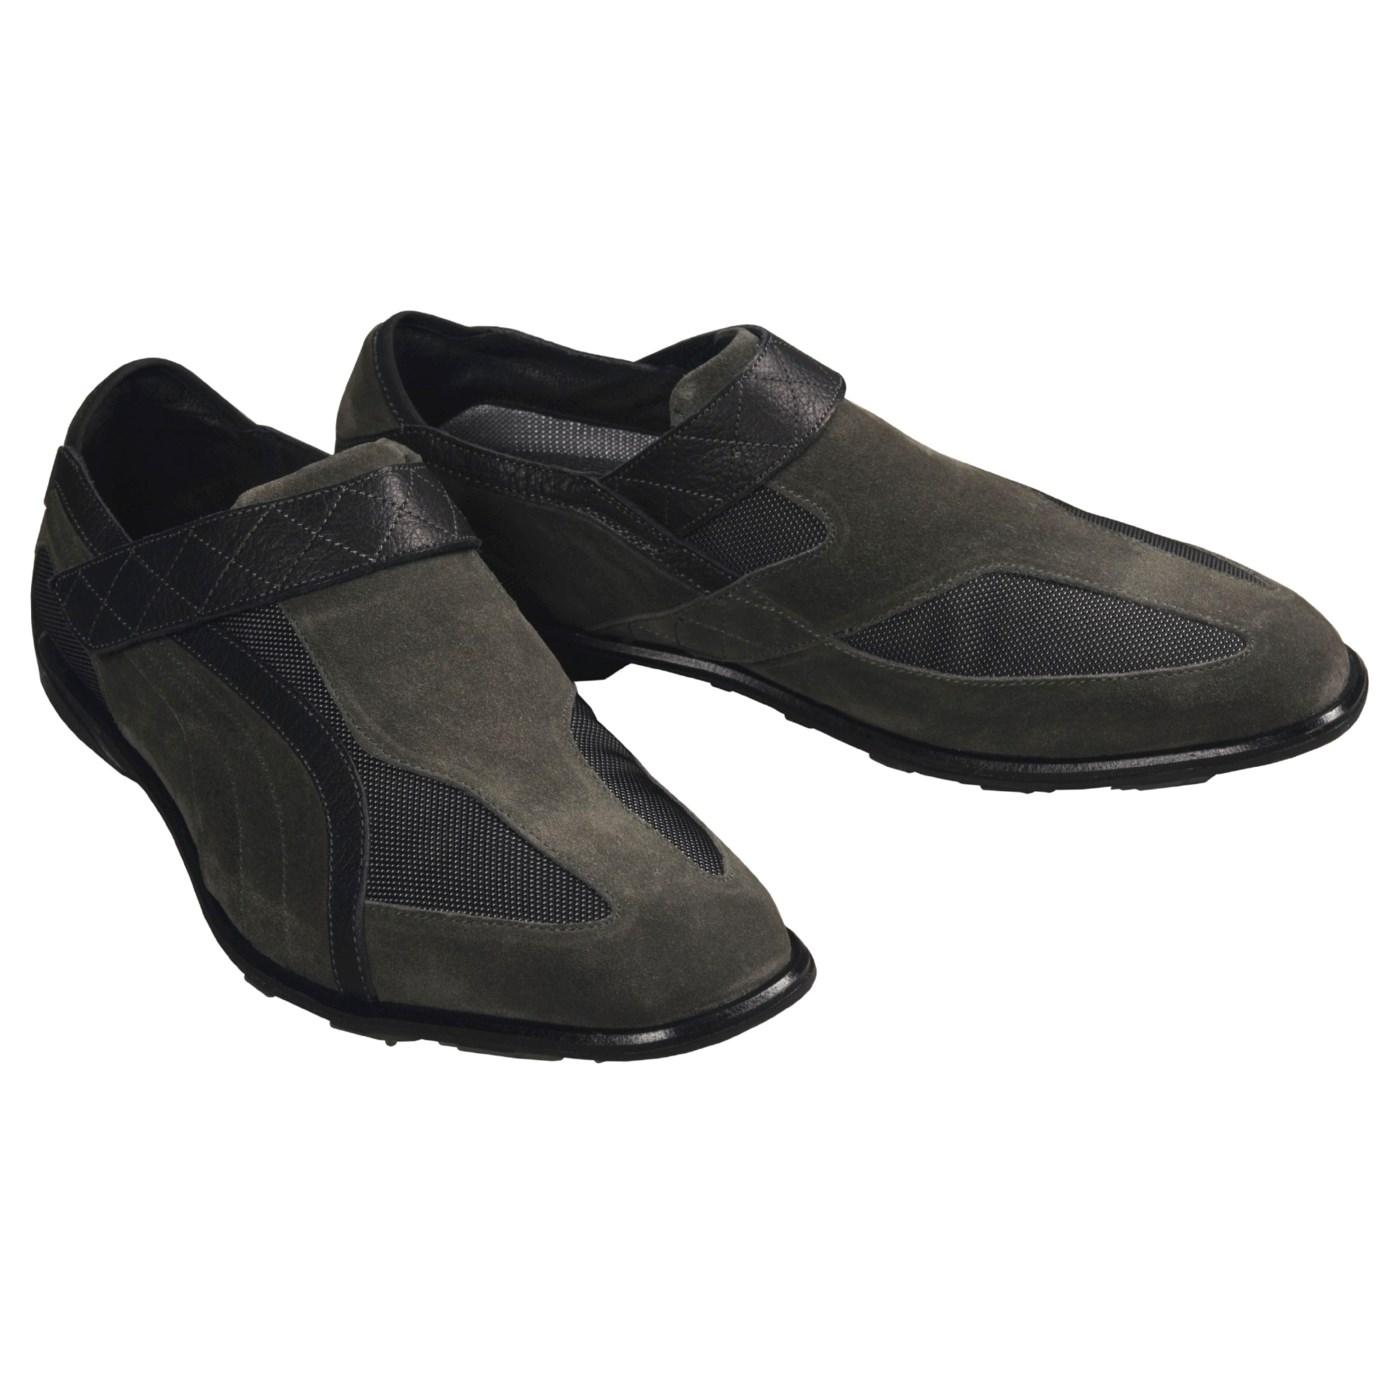 design intemporel d2b9d 7612e Puma 96 Hours Chiodo Shoes (For Men) 10557 55 on PopScreen